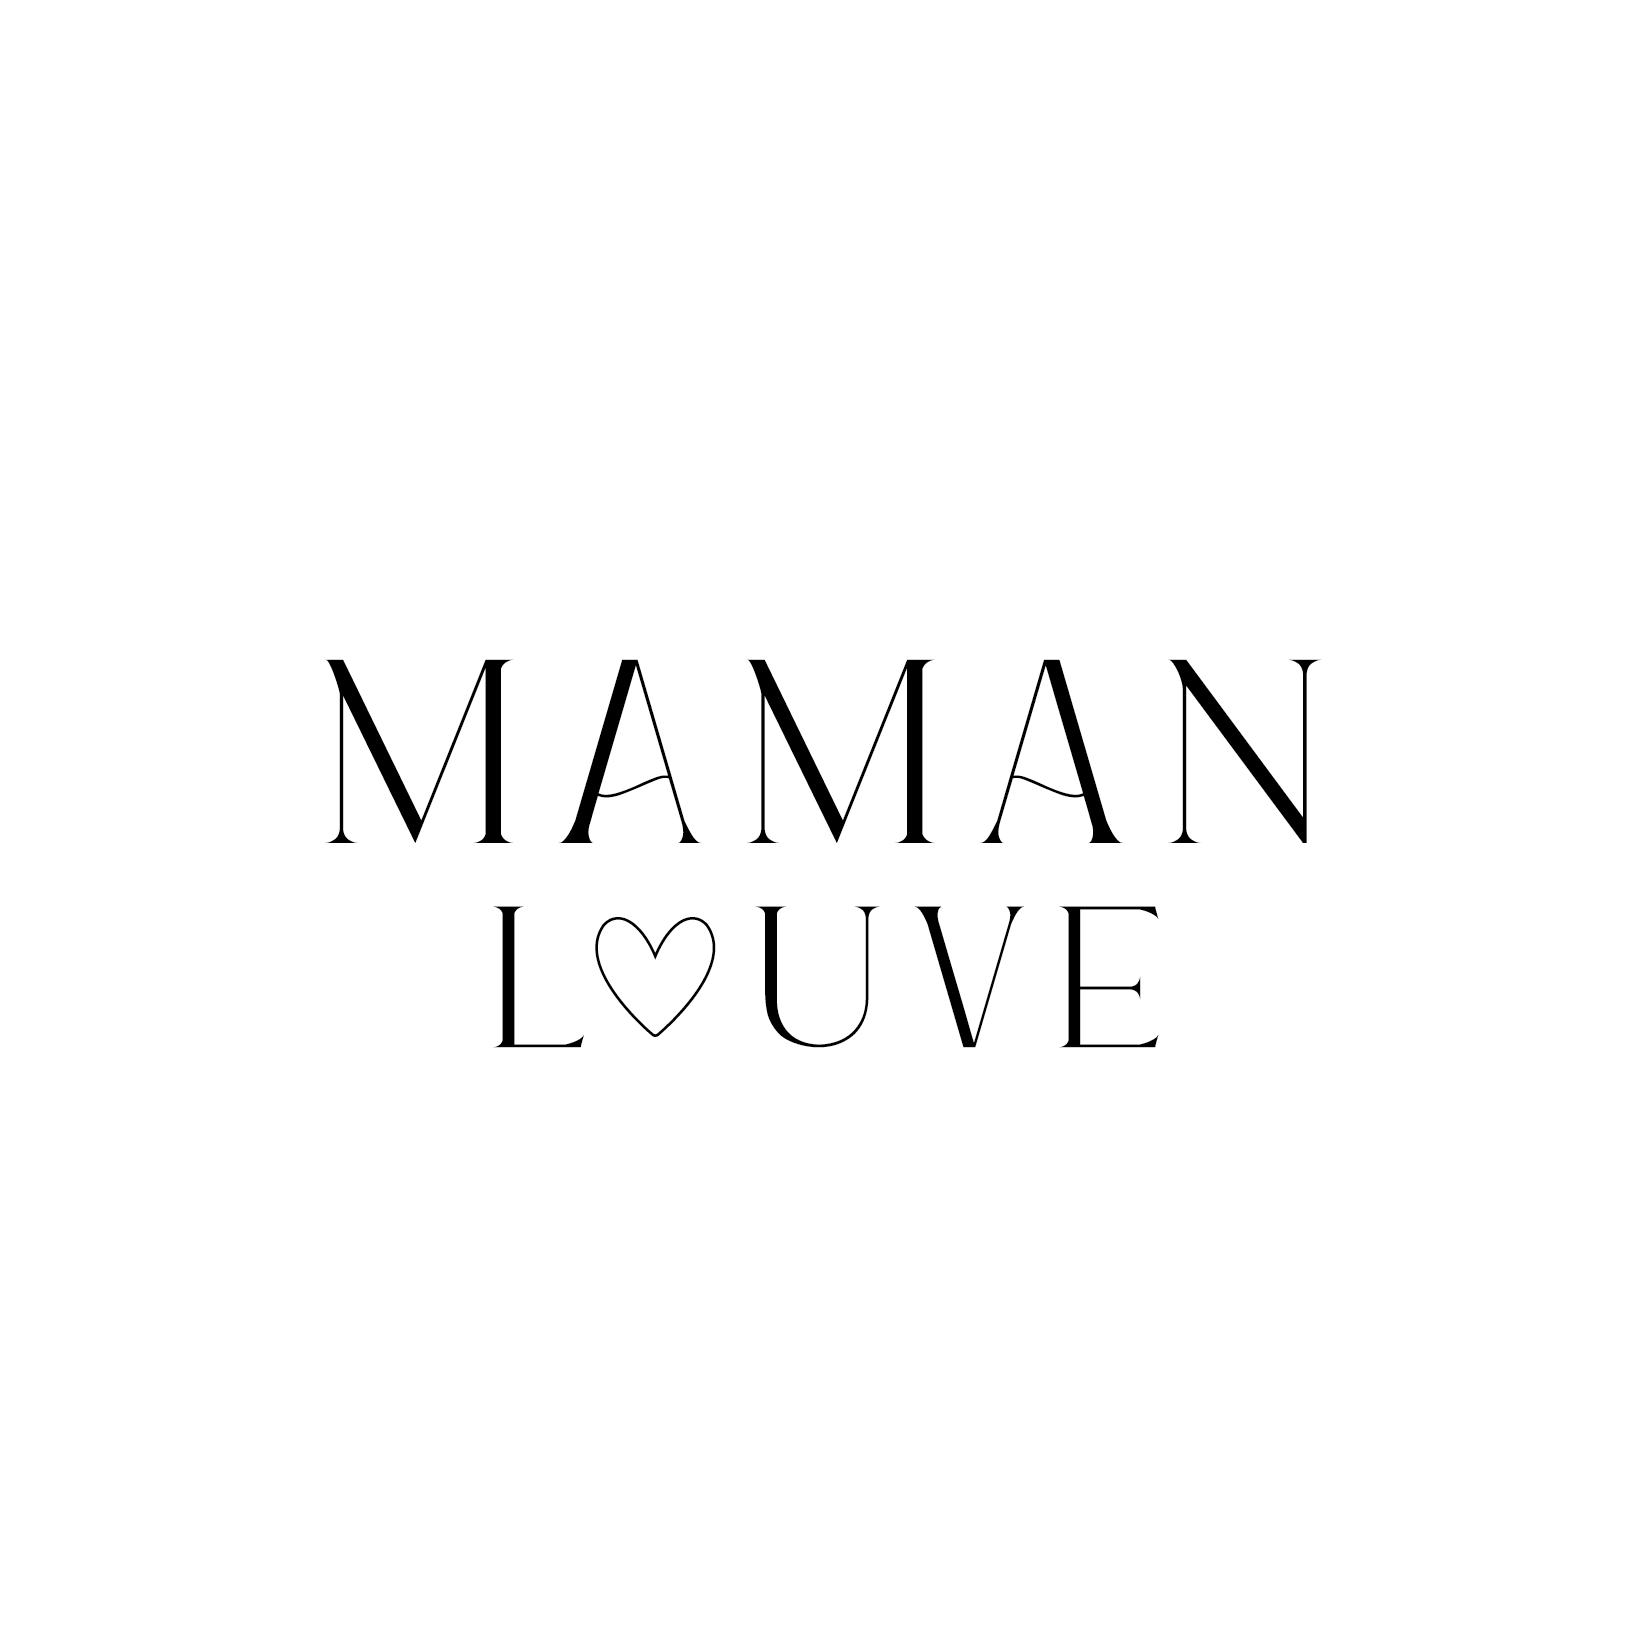 Maman Louve